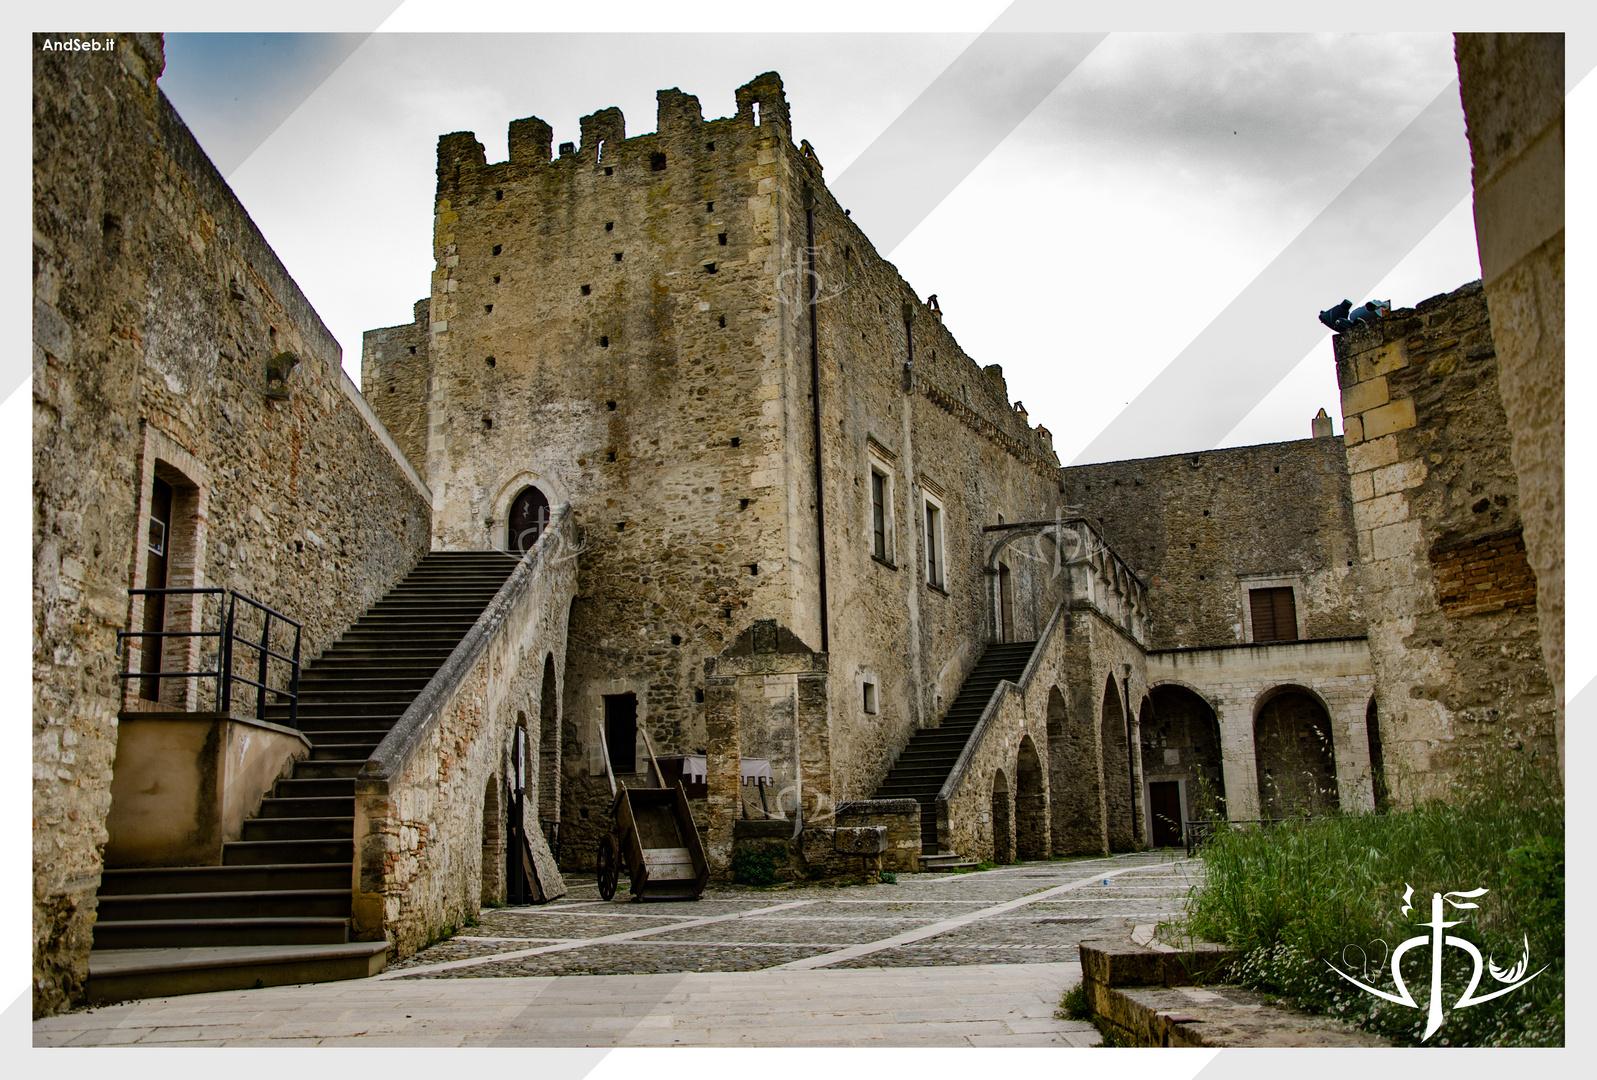 18-04-29 Basilicata_O04